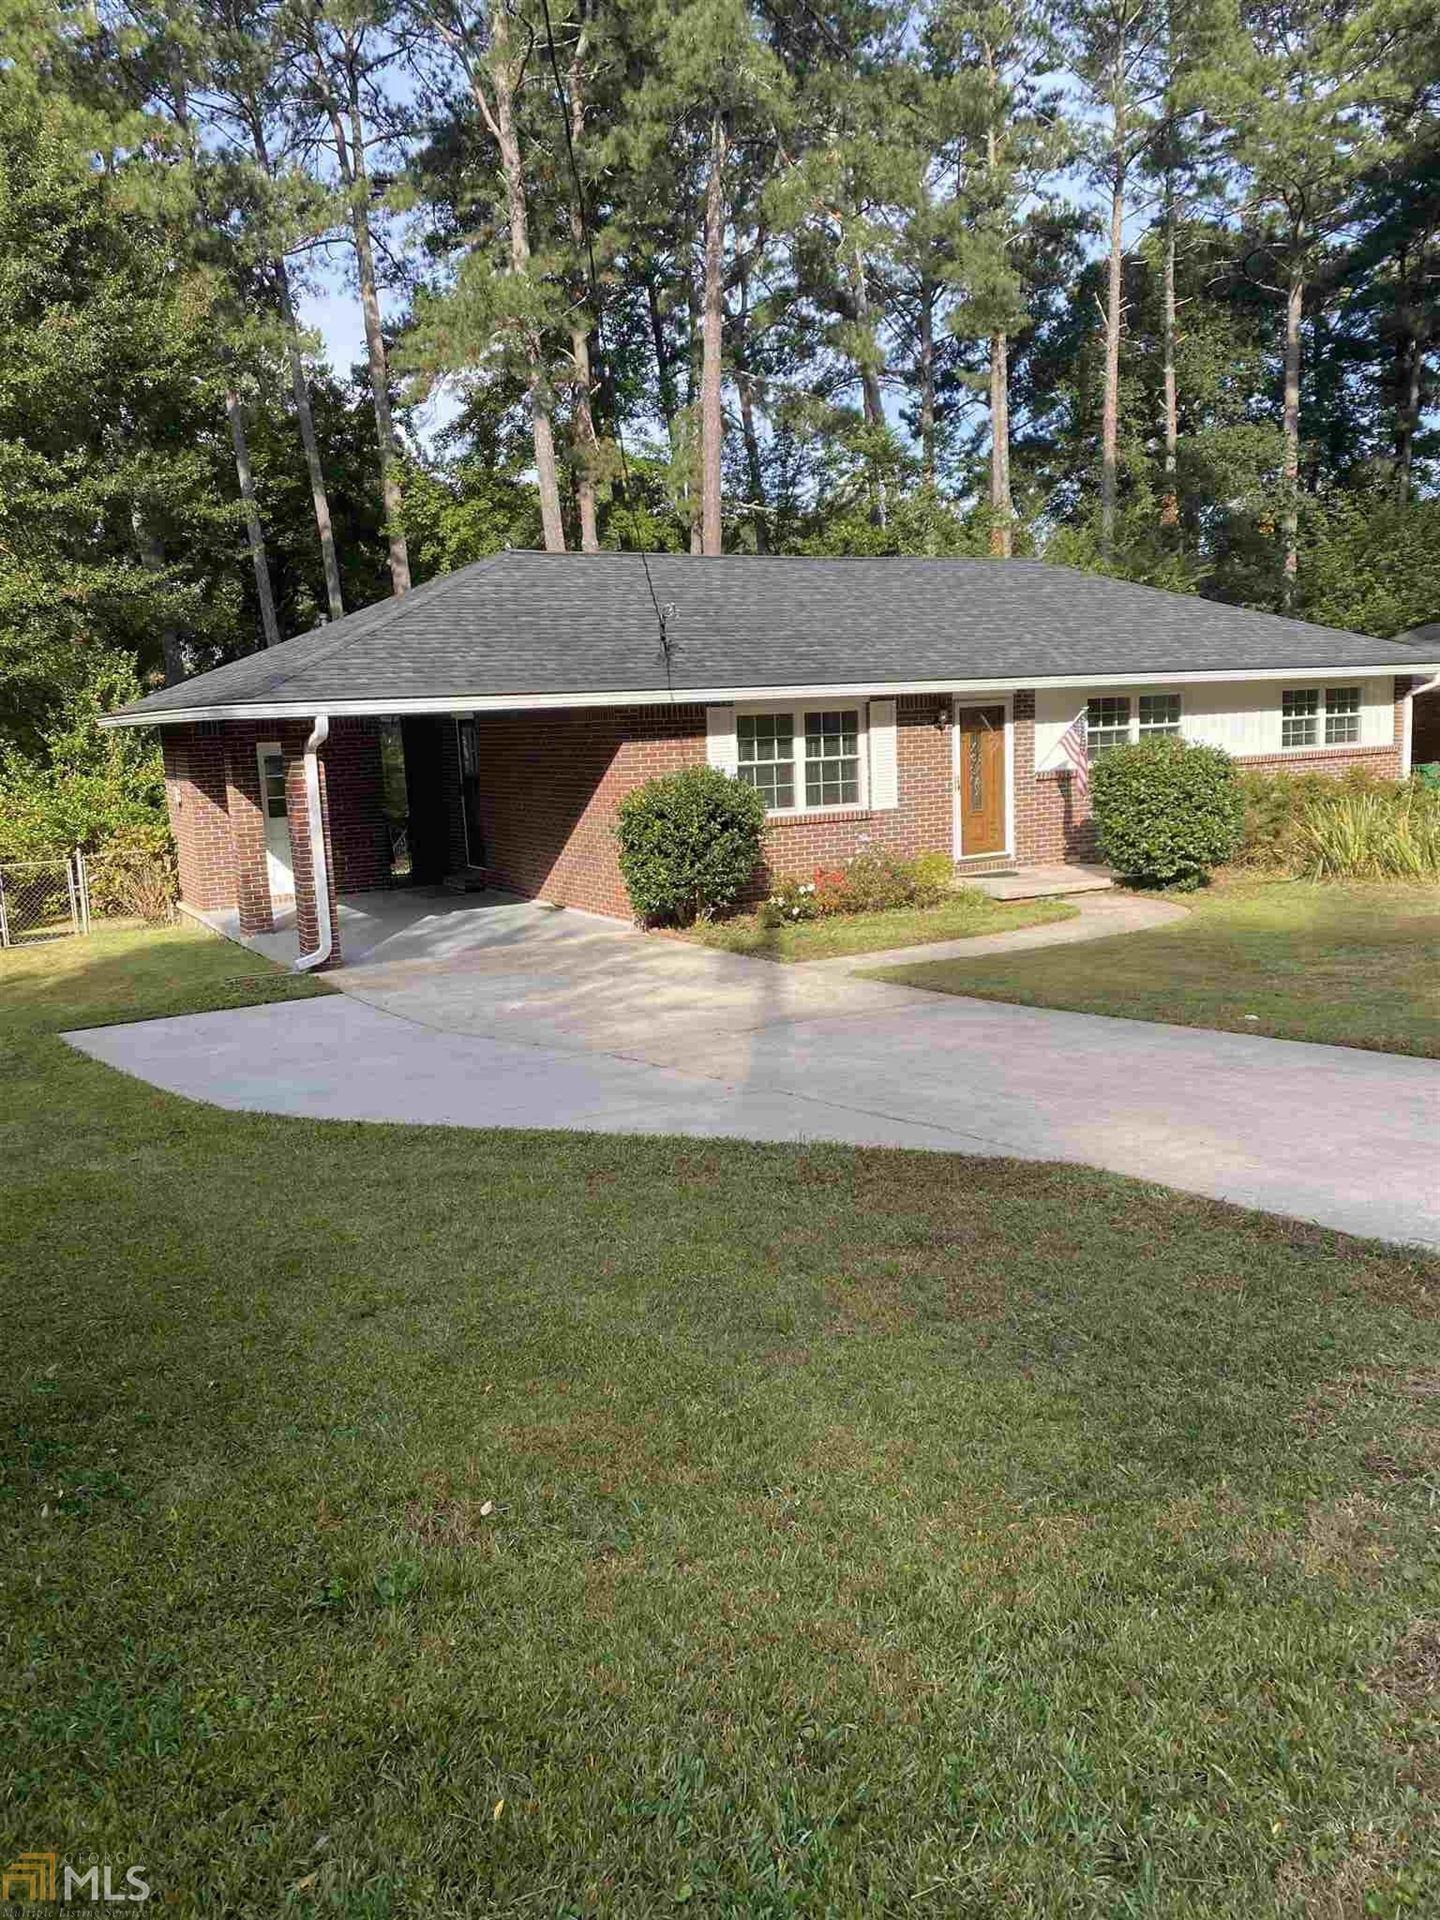 1326 Talcott Pl, Decatur, GA 30033 - MLS#: 8870832